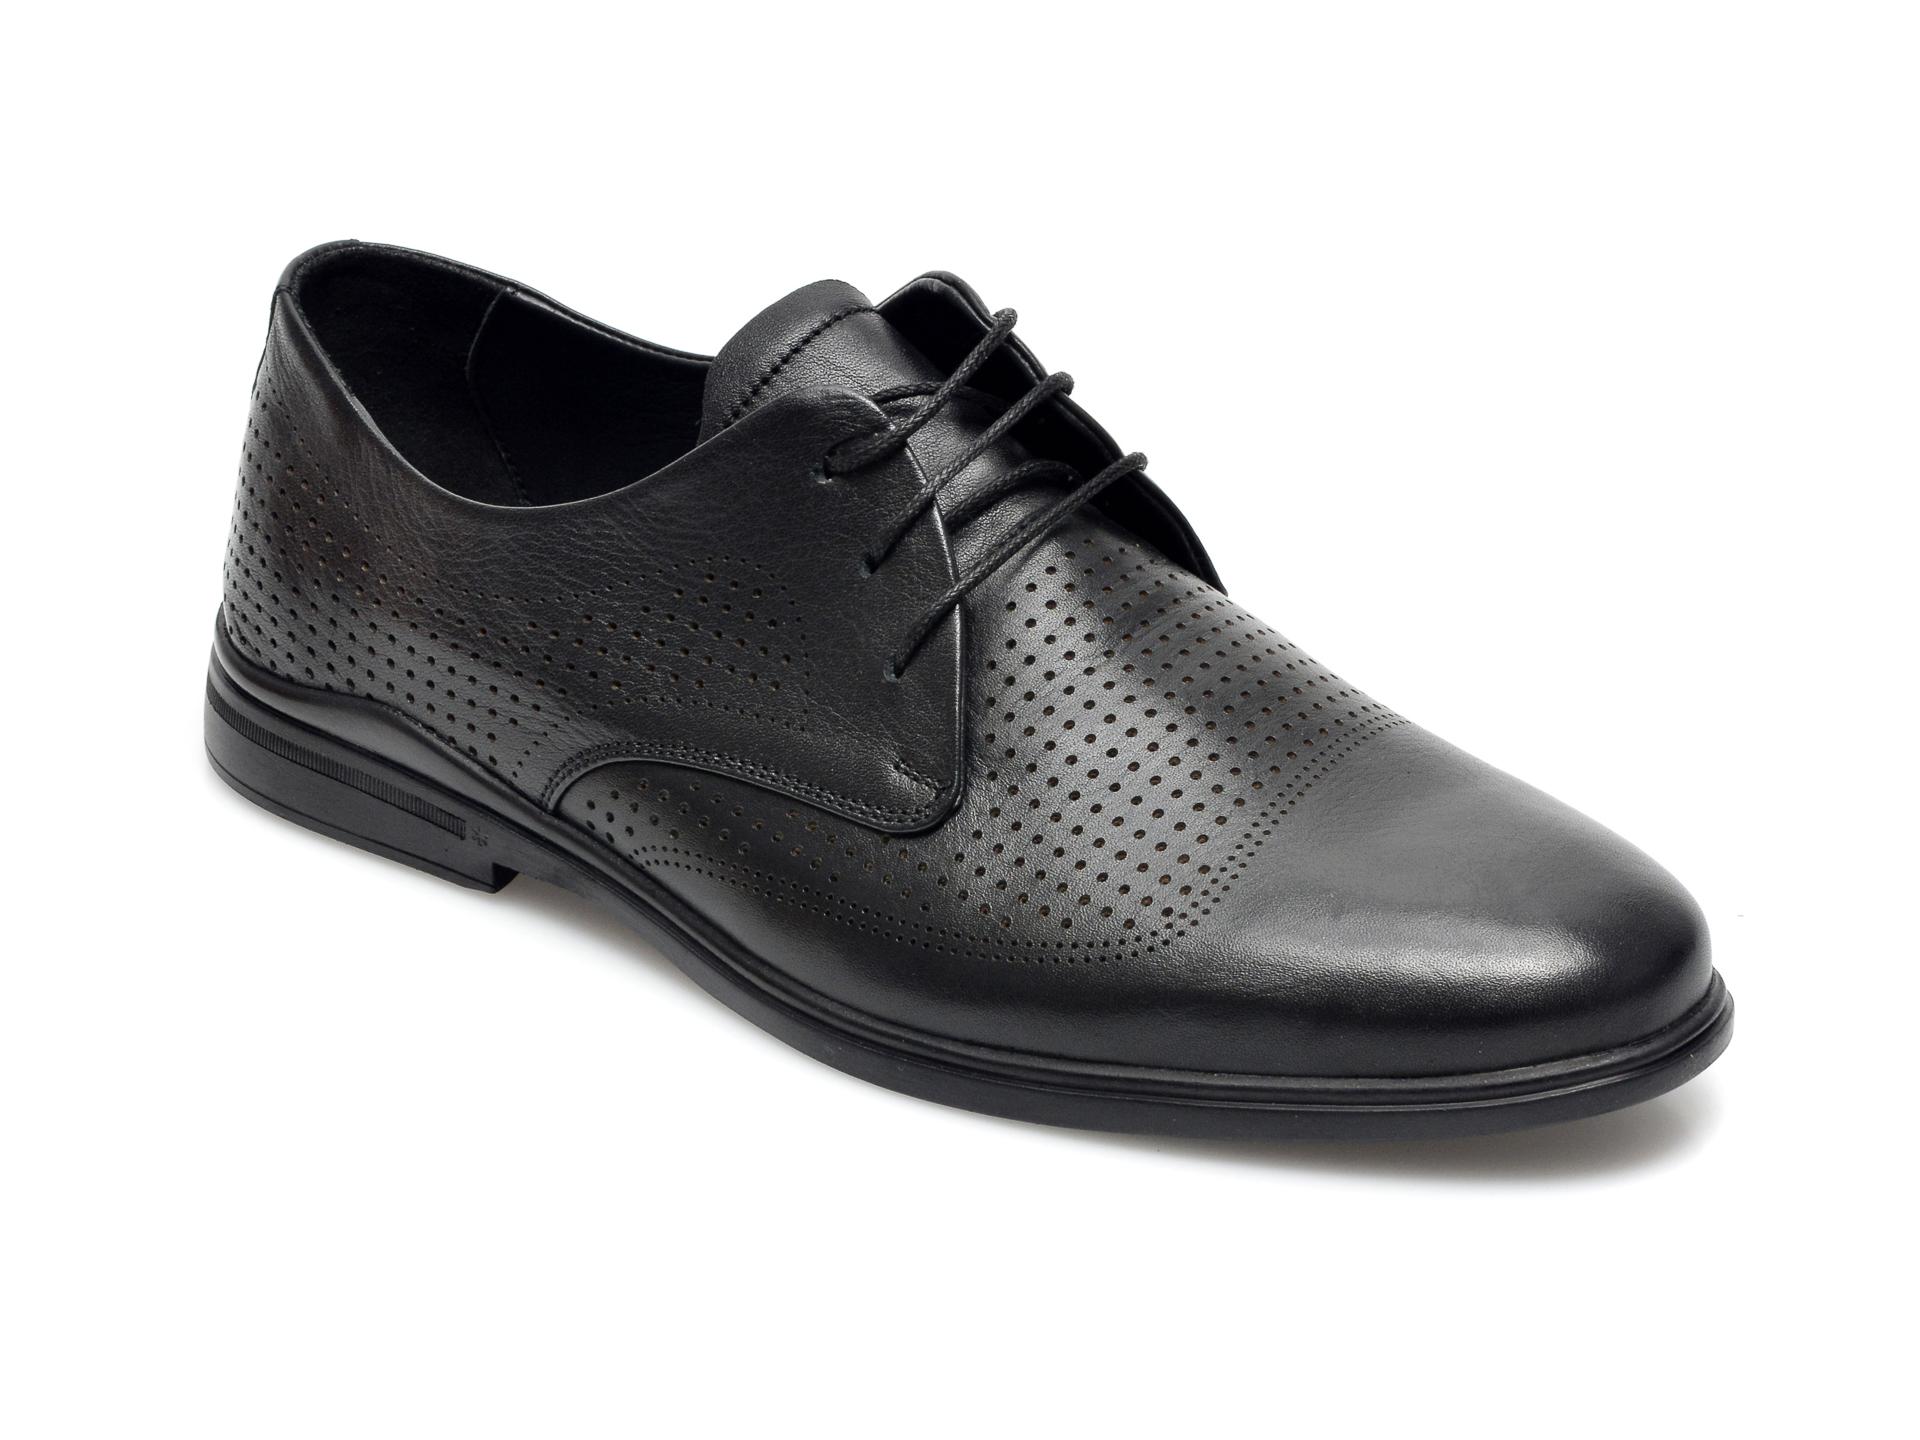 Pantofi OTTER negri, 77720, din piele naturala imagine otter.ro 2021